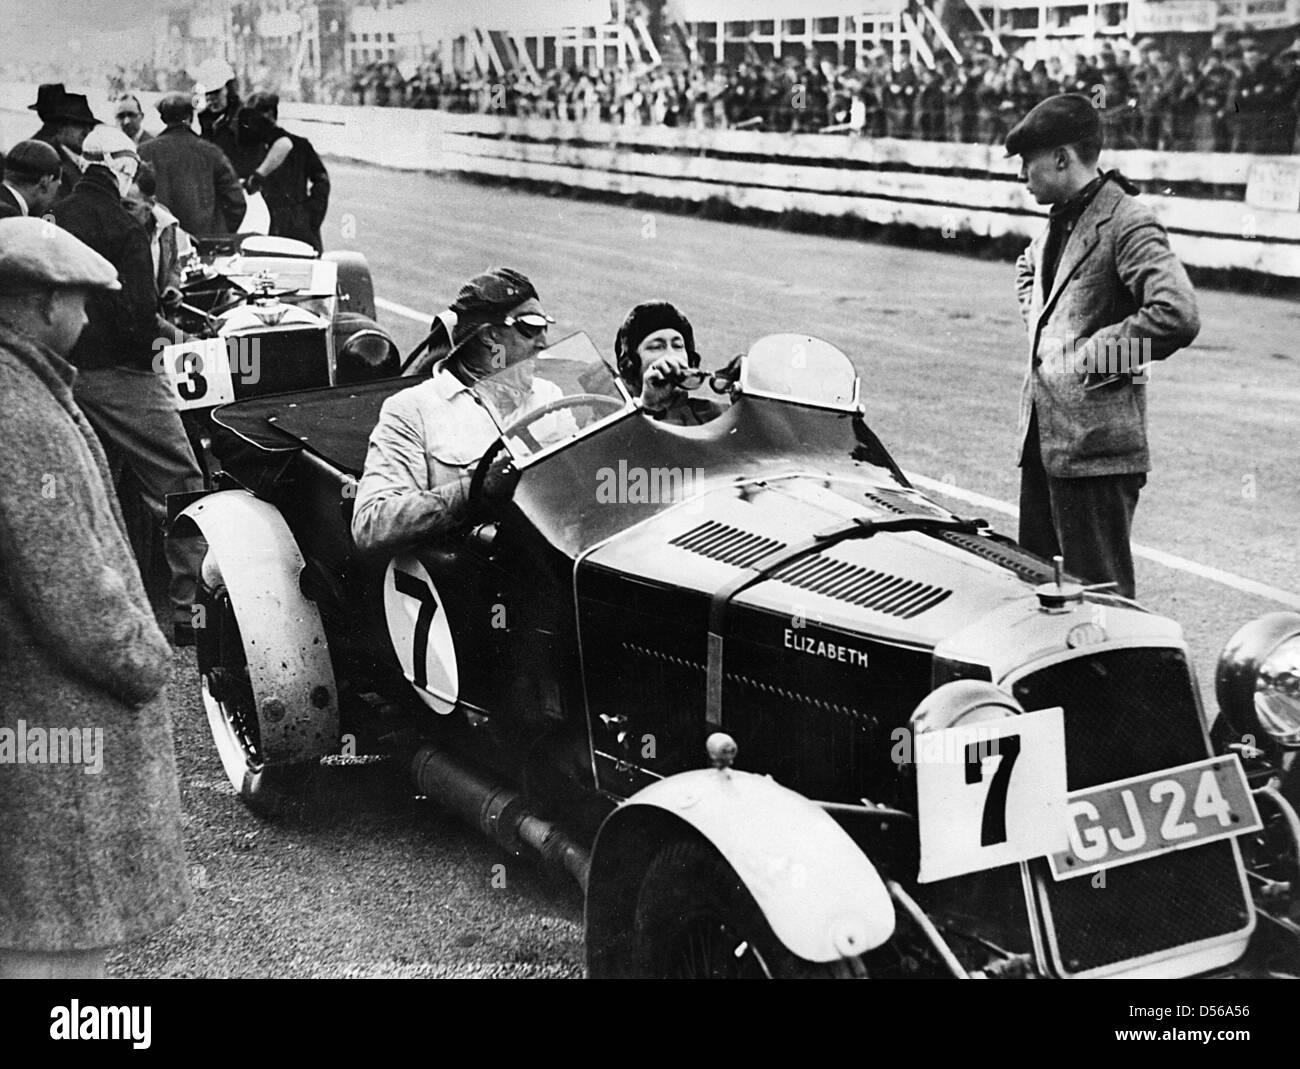 O.M. 1931 GP irlandese, di avena. Immagini Stock